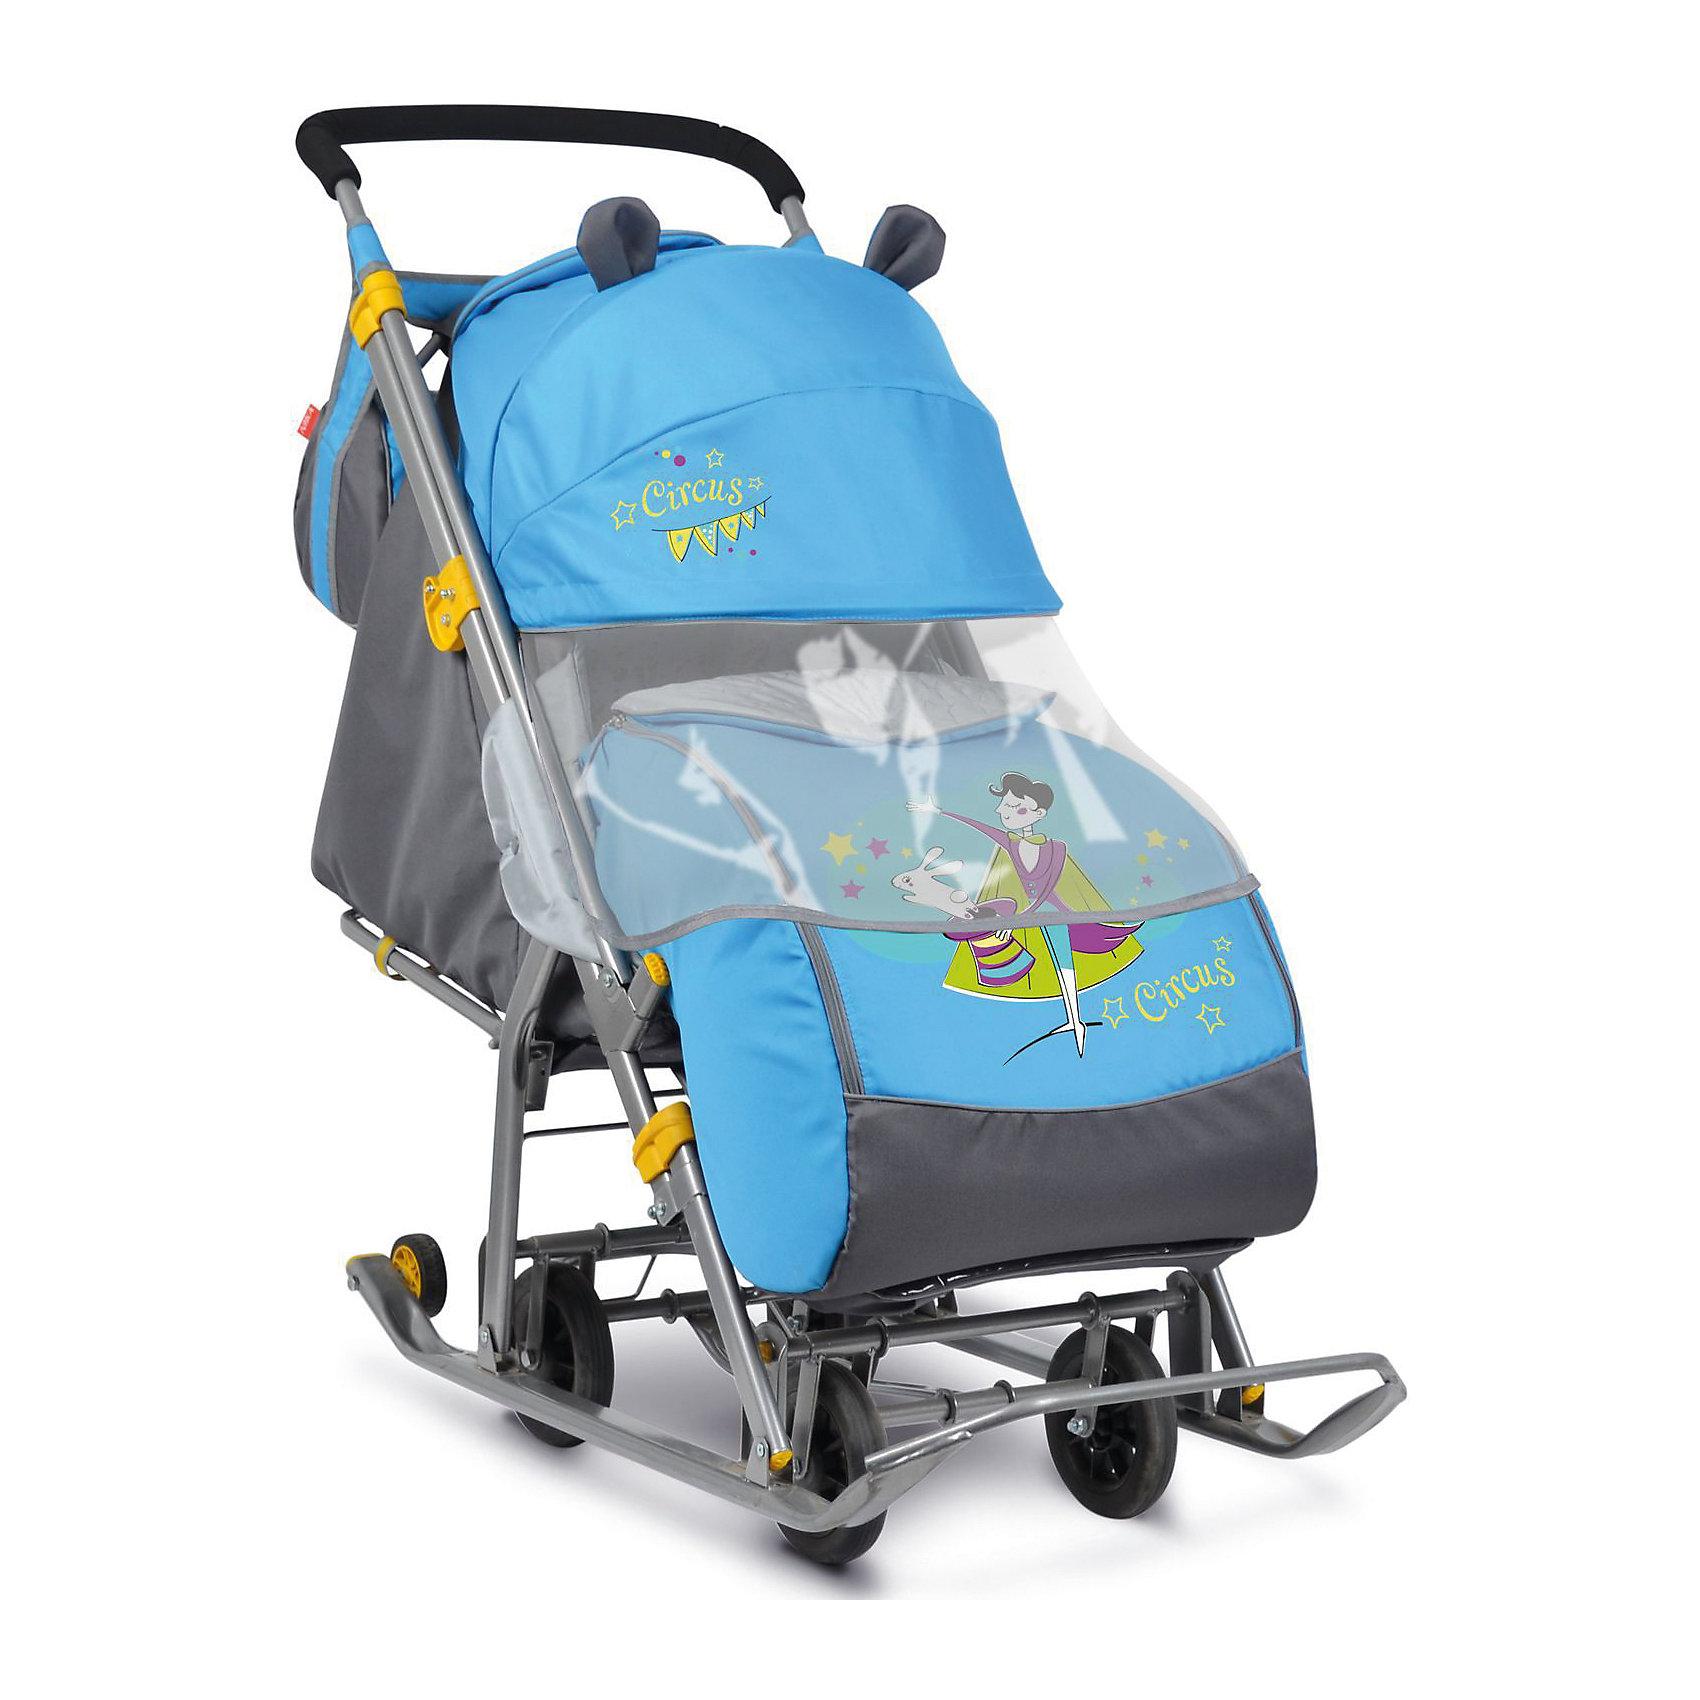 Санки-коляска Ника детям  7 (2017), Фокусник, синийС 4 колесиками<br>Санки-коляска Ника детям  7 (2017), Фокусник, синий<br><br>Коляска комбинированная с трансформируемым кузовом позволяет передвигаться по любой дороге. Нажатием ноги на педаль опускаются колеса, и вы можете везти коляску по асфальту или по гладкому полу. Еще одно нажатие — коляска трансформируется в санки и снова скользить по снегу!<br><br>• механизм смены полозьев на колеса<br>• плоские полозья 40 мм с большими обрезиненными колесами<br>• пятиточечный ремень безопасности<br>• складной высокий трехсекционный козырек с декоративными ушками<br>• спинка регулируется до положения лежа<br>• подножка с регулируемым наклоном ног, позволяющая ребенку в положении лежа комфортно вытягивать ножки<br>• перекидная ручка<br>• чехол для ног с 2-мя молниями для удобного открывания с двух сторон<br>• широкое посадочное место 385 мм<br>• ширина полозьев 445 мм<br>• ширина колесной базы 280 мм<br>• высота санок на полозьях 1030 мм<br>• высота санок на колесах 1095 мм<br>• смотровое окошко для наблюдения за ребенком<br>• светоотражающий кант<br>• сумка с кармашками для полезных мелочей<br>• размер в сложенном положении 1105х445х280 мм<br>• вес изделия 10,8 кг<br><br>В моделях 2017 года - съемный прозрачный тент-дождевик для защиты от ветра и осадков<br><br>Санки-коляска Ника детям  7 (2017), Фокусник, синий, можно купить в нашем интернет-магазине.<br><br>Ширина мм: 1150<br>Глубина мм: 470<br>Высота мм: 460<br>Вес г: 11500<br>Цвет: синий<br>Возраст от месяцев: 12<br>Возраст до месяцев: 48<br>Пол: Мужской<br>Возраст: Детский<br>SKU: 7128829